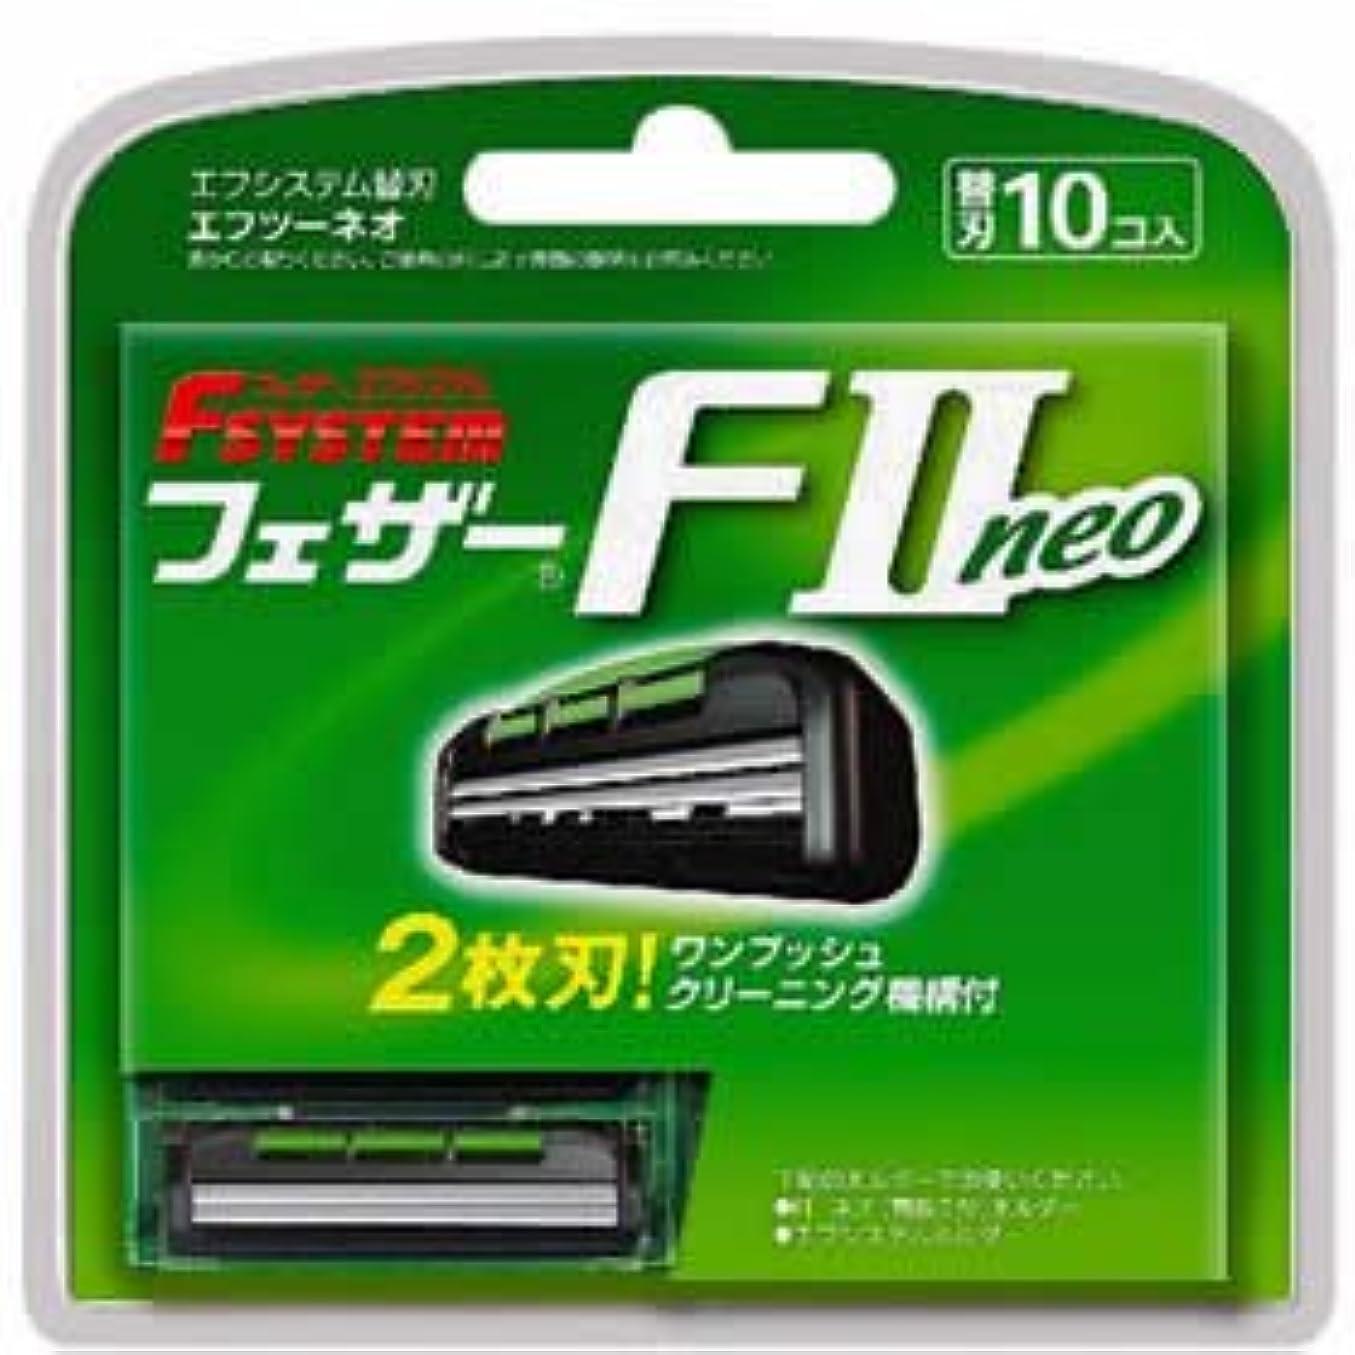 カヌー飽和するライオネルグリーンストリートフェザー エフシステム F2ネオ 替刃 10個